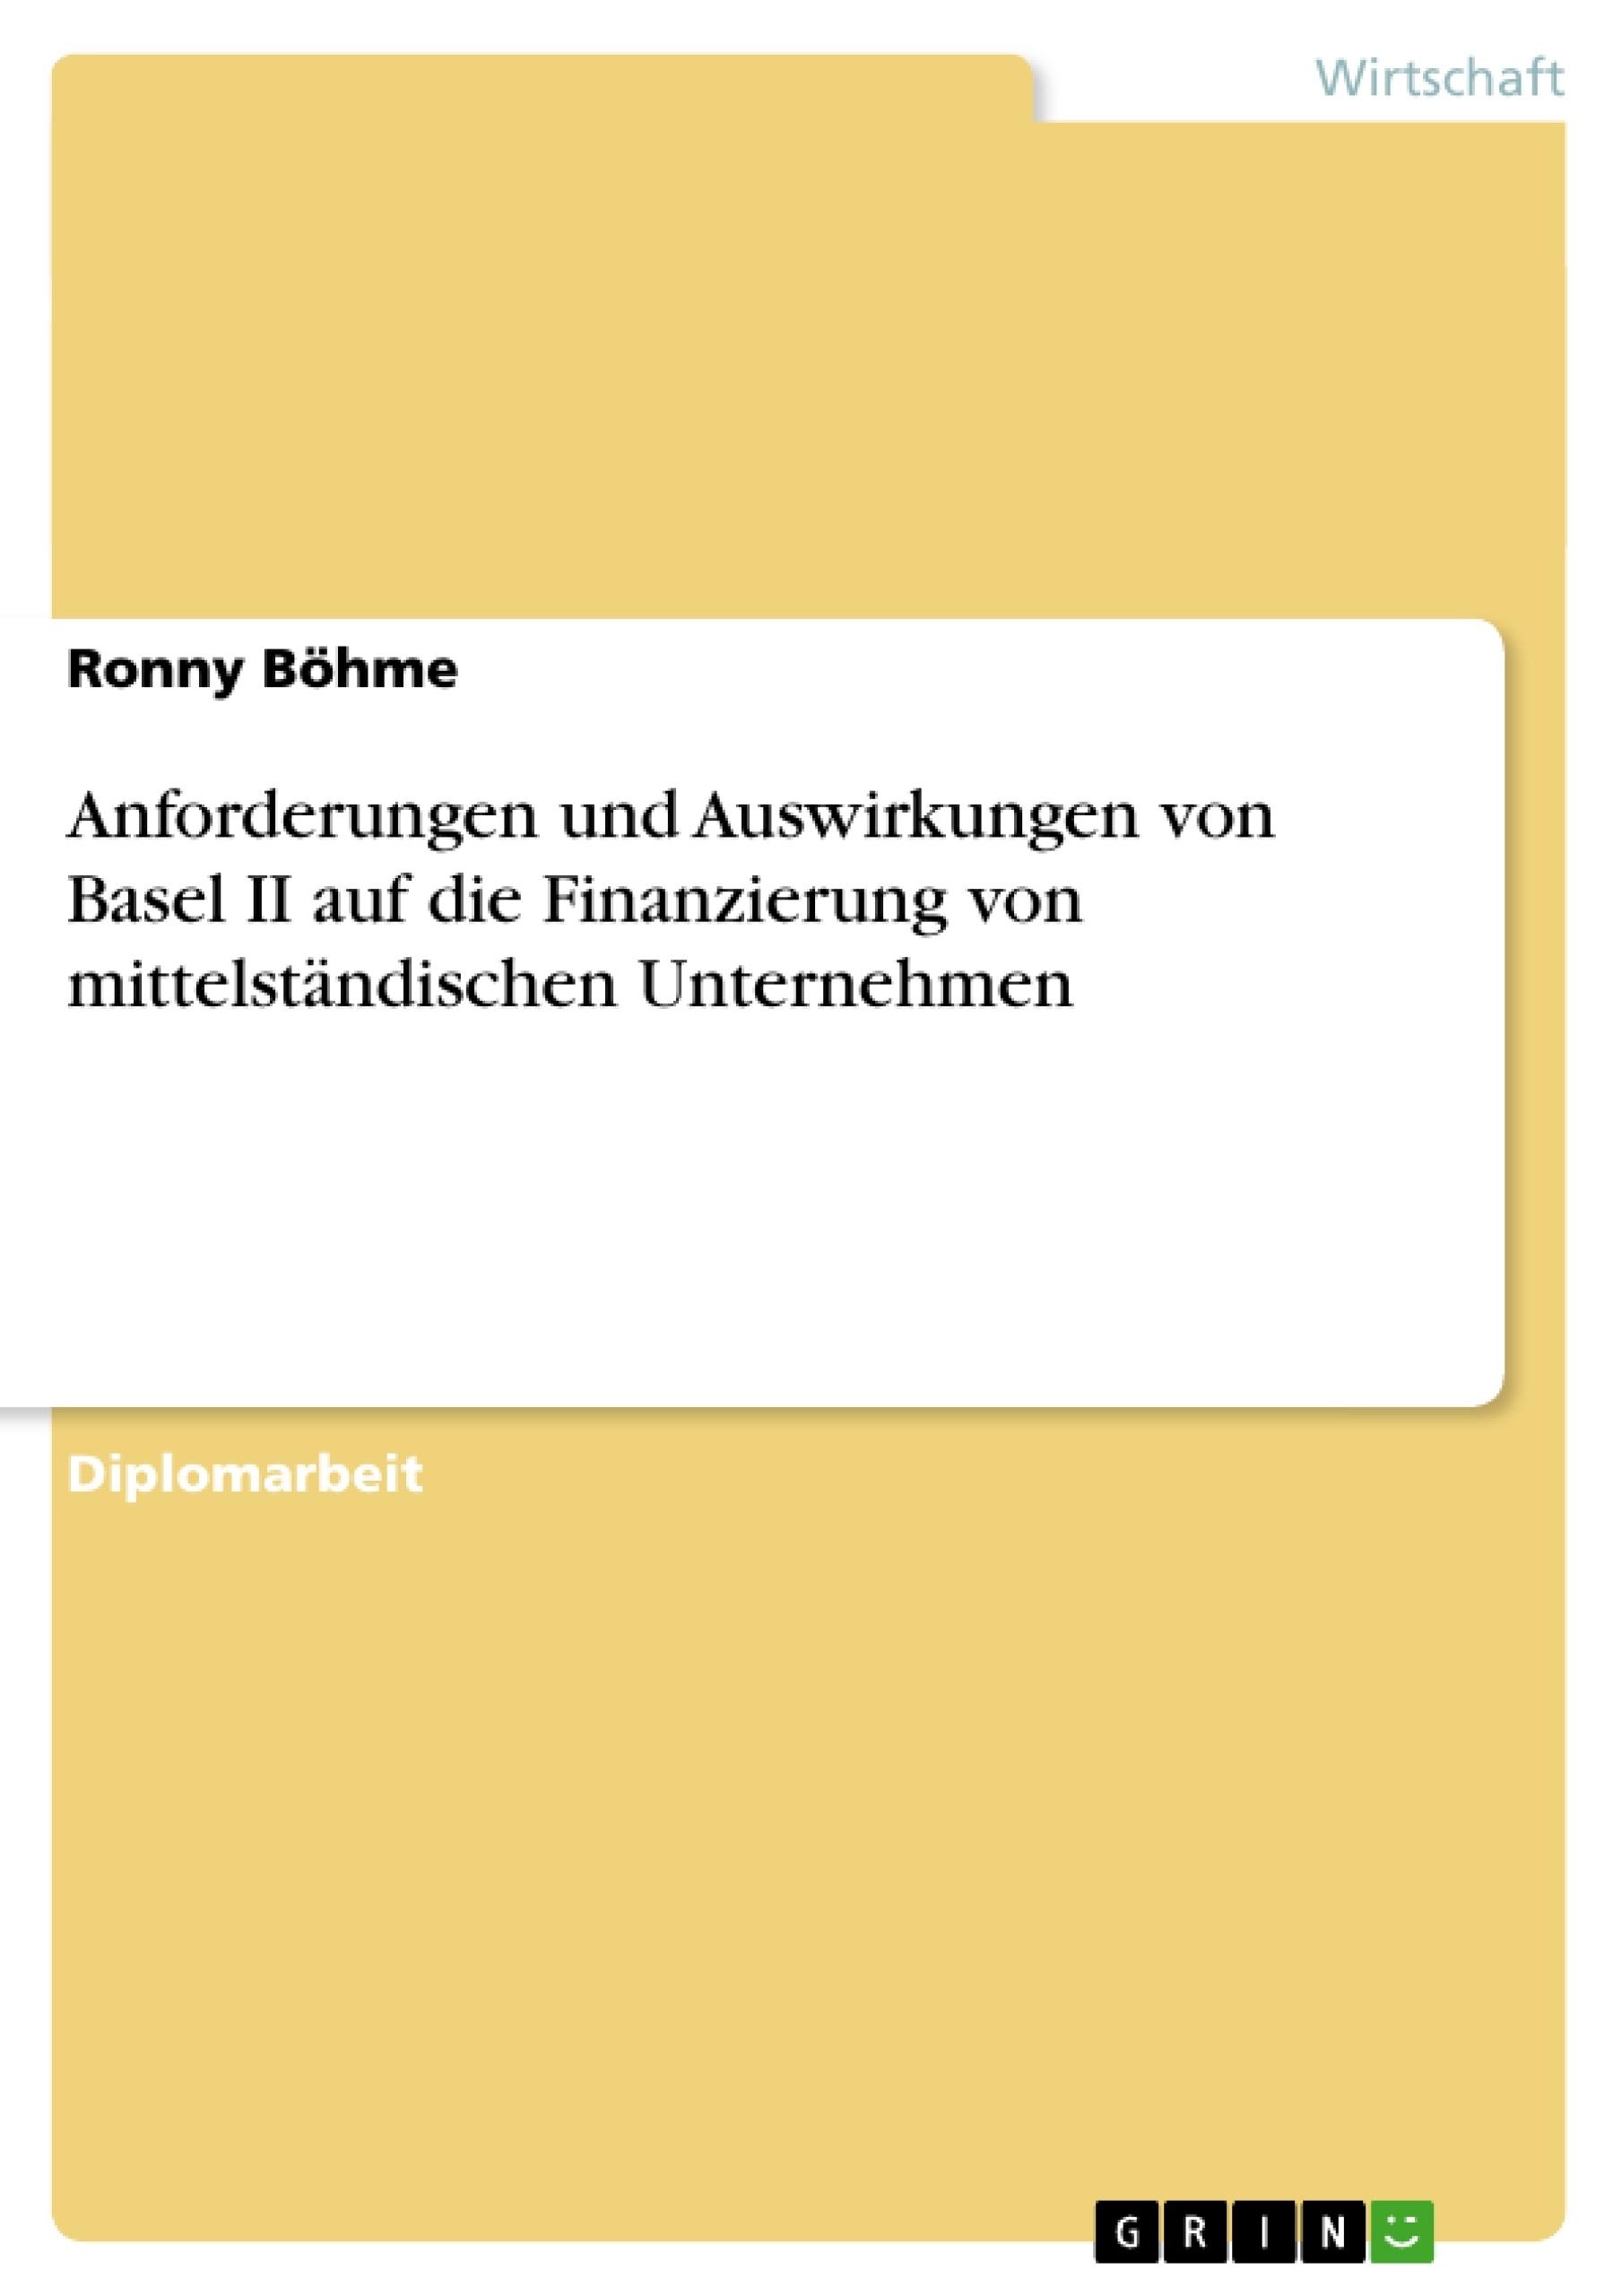 Titel: Anforderungen und Auswirkungen von Basel II auf die Finanzierung von mittelständischen Unternehmen